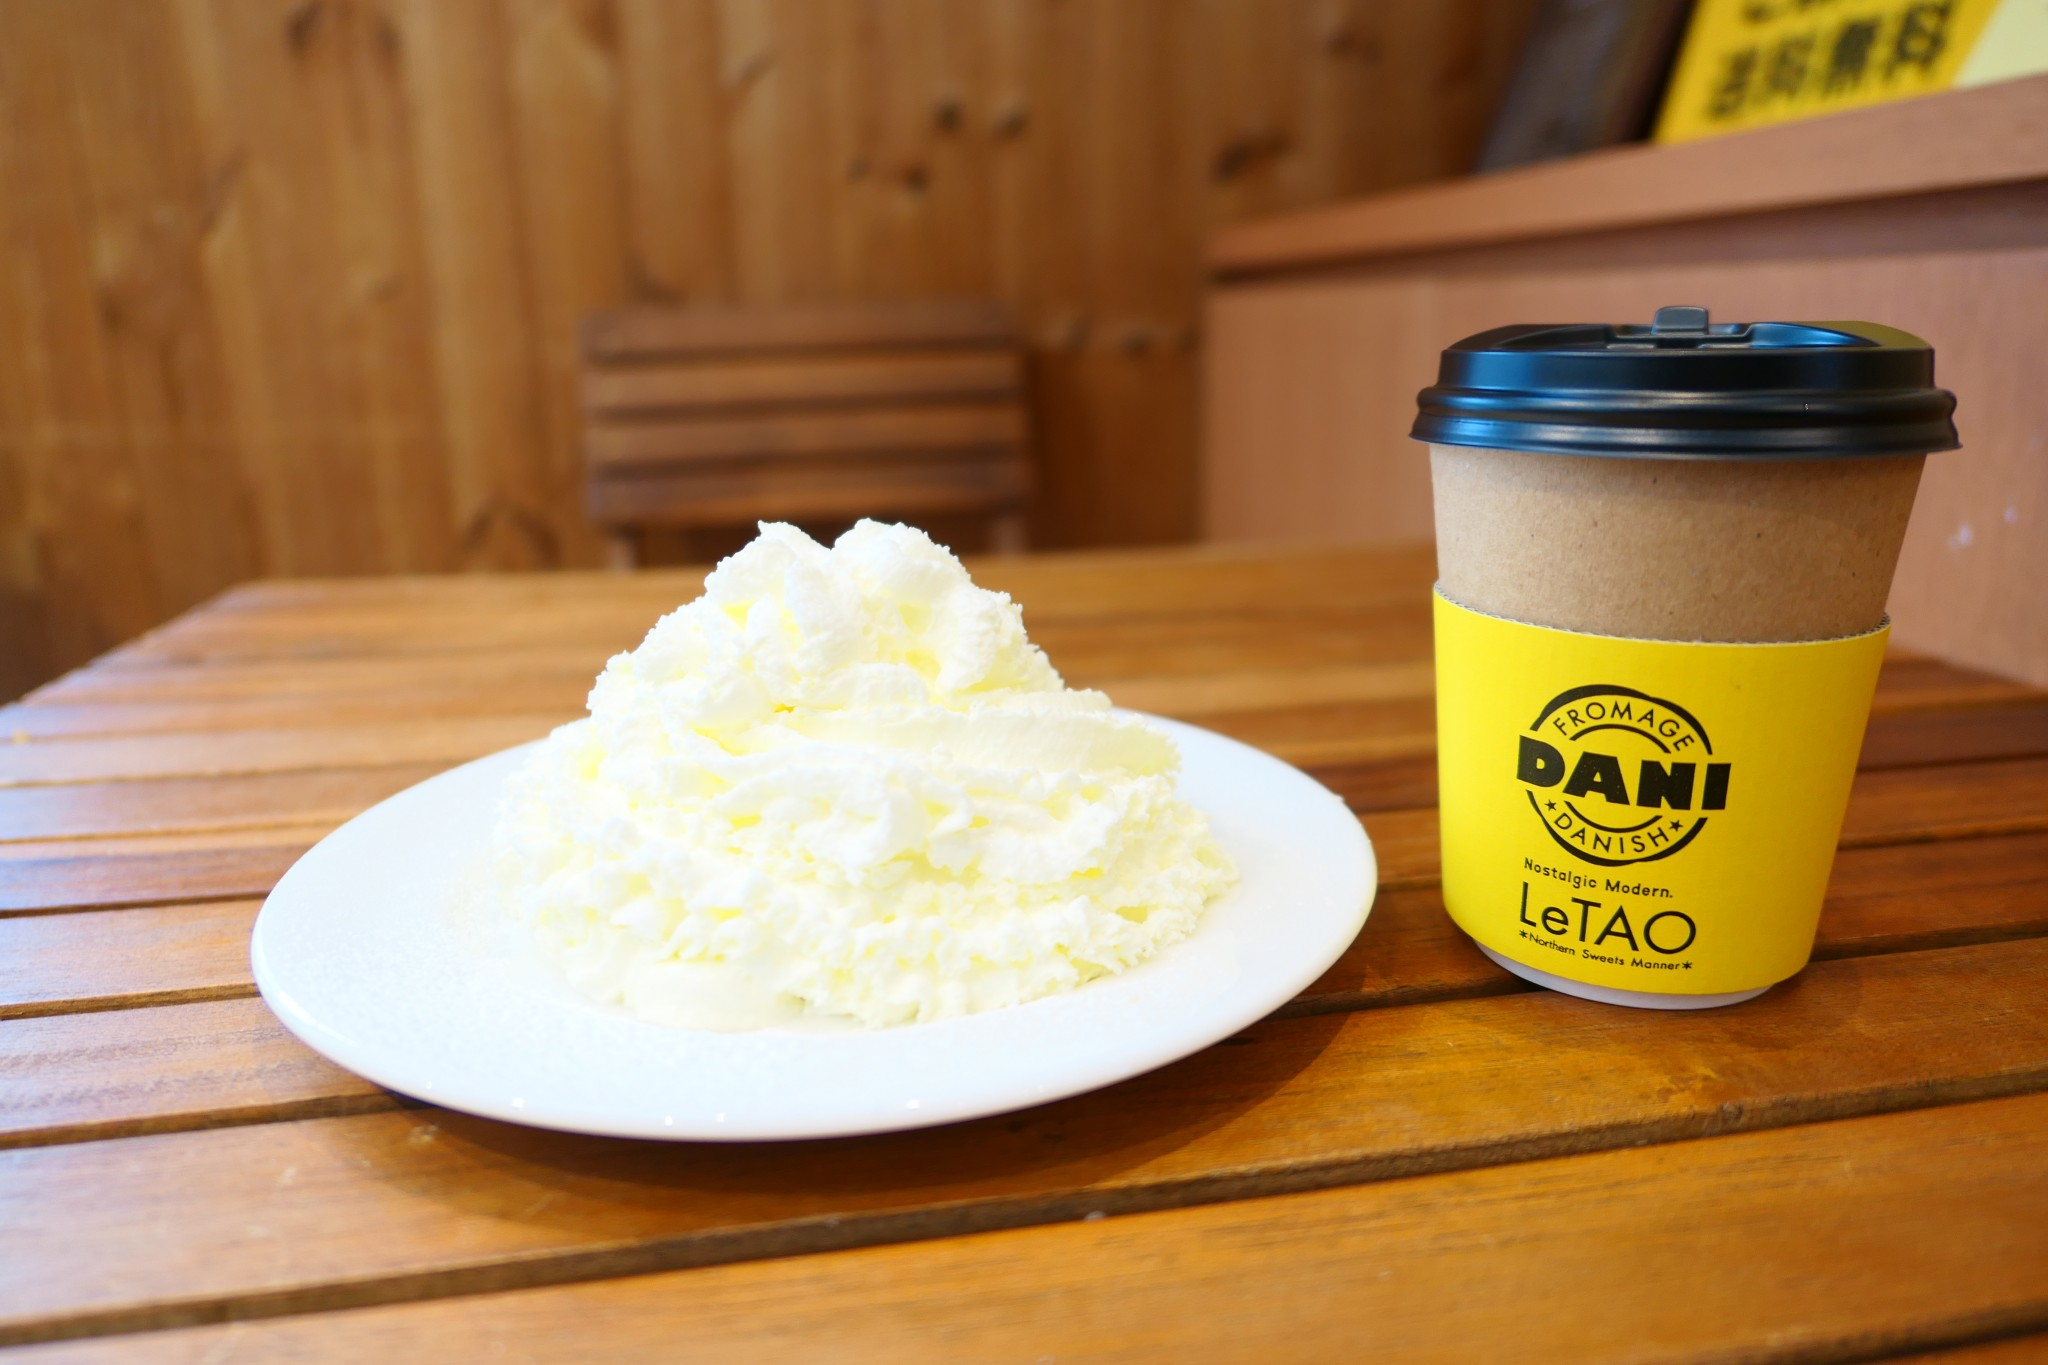 北海道・小樽を代表する洋菓子店〈ルタオ〉の人気5店舗を巡ったスイーツレポ!